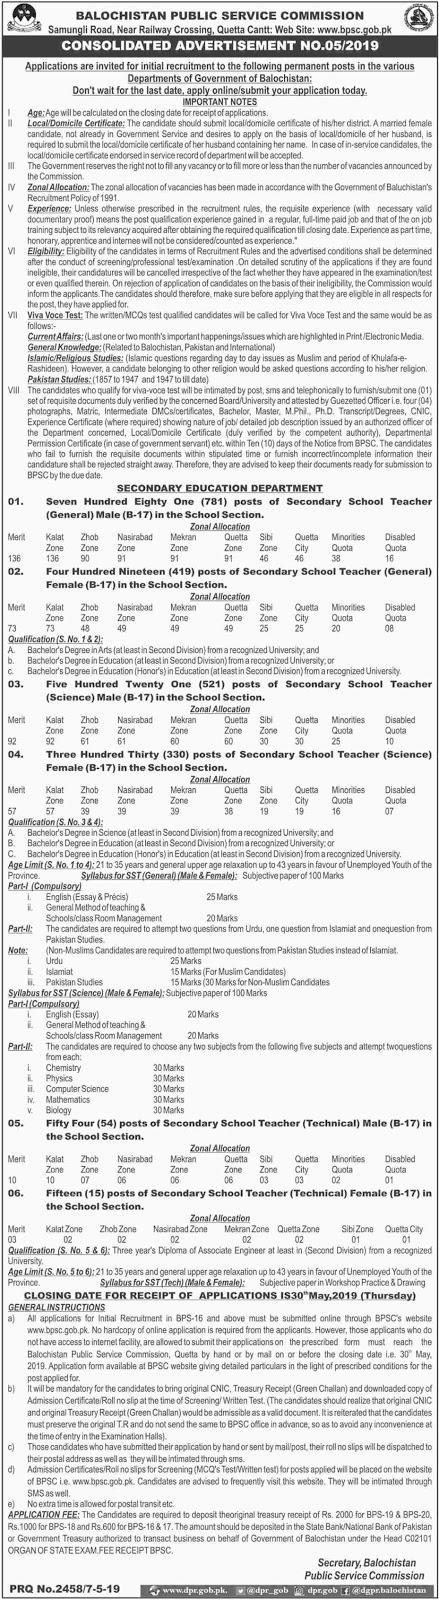 BPSC Jobs 2019 Balochistan Public Service Commission Latest advertisement No.05/2019